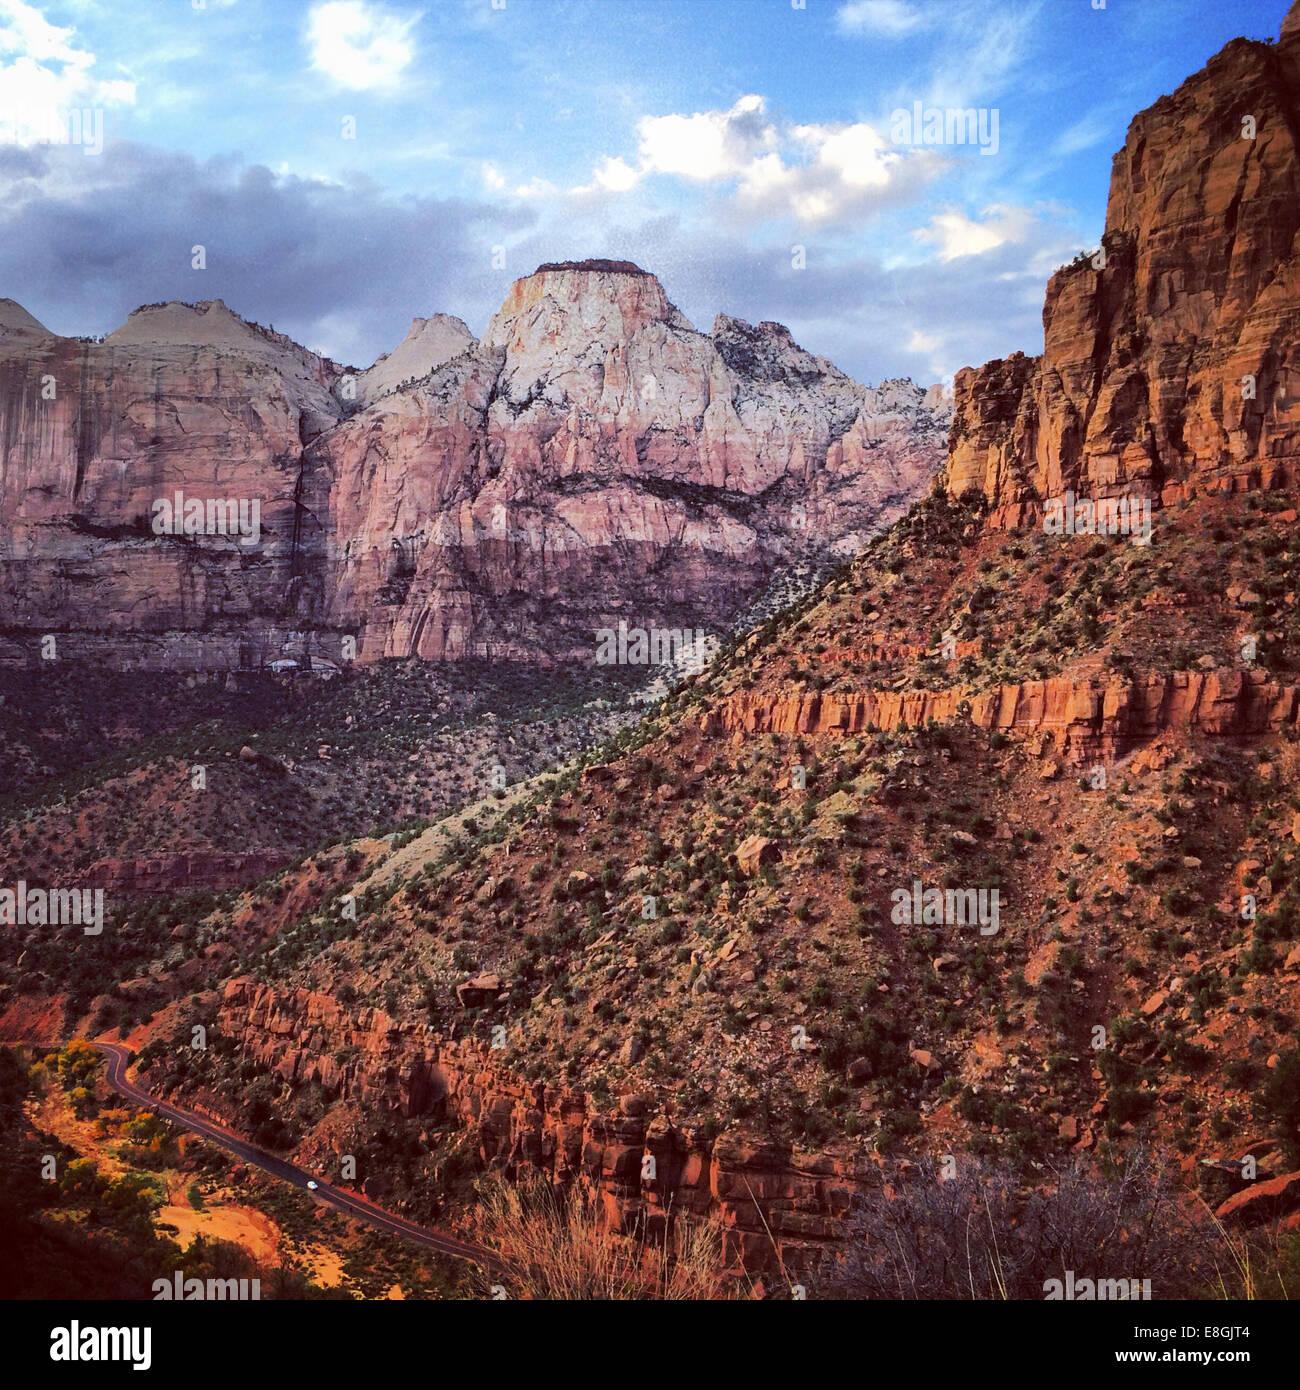 Parque Nacional de Zion, Utah, Estados Unidos, EE.UU. Imagen De Stock